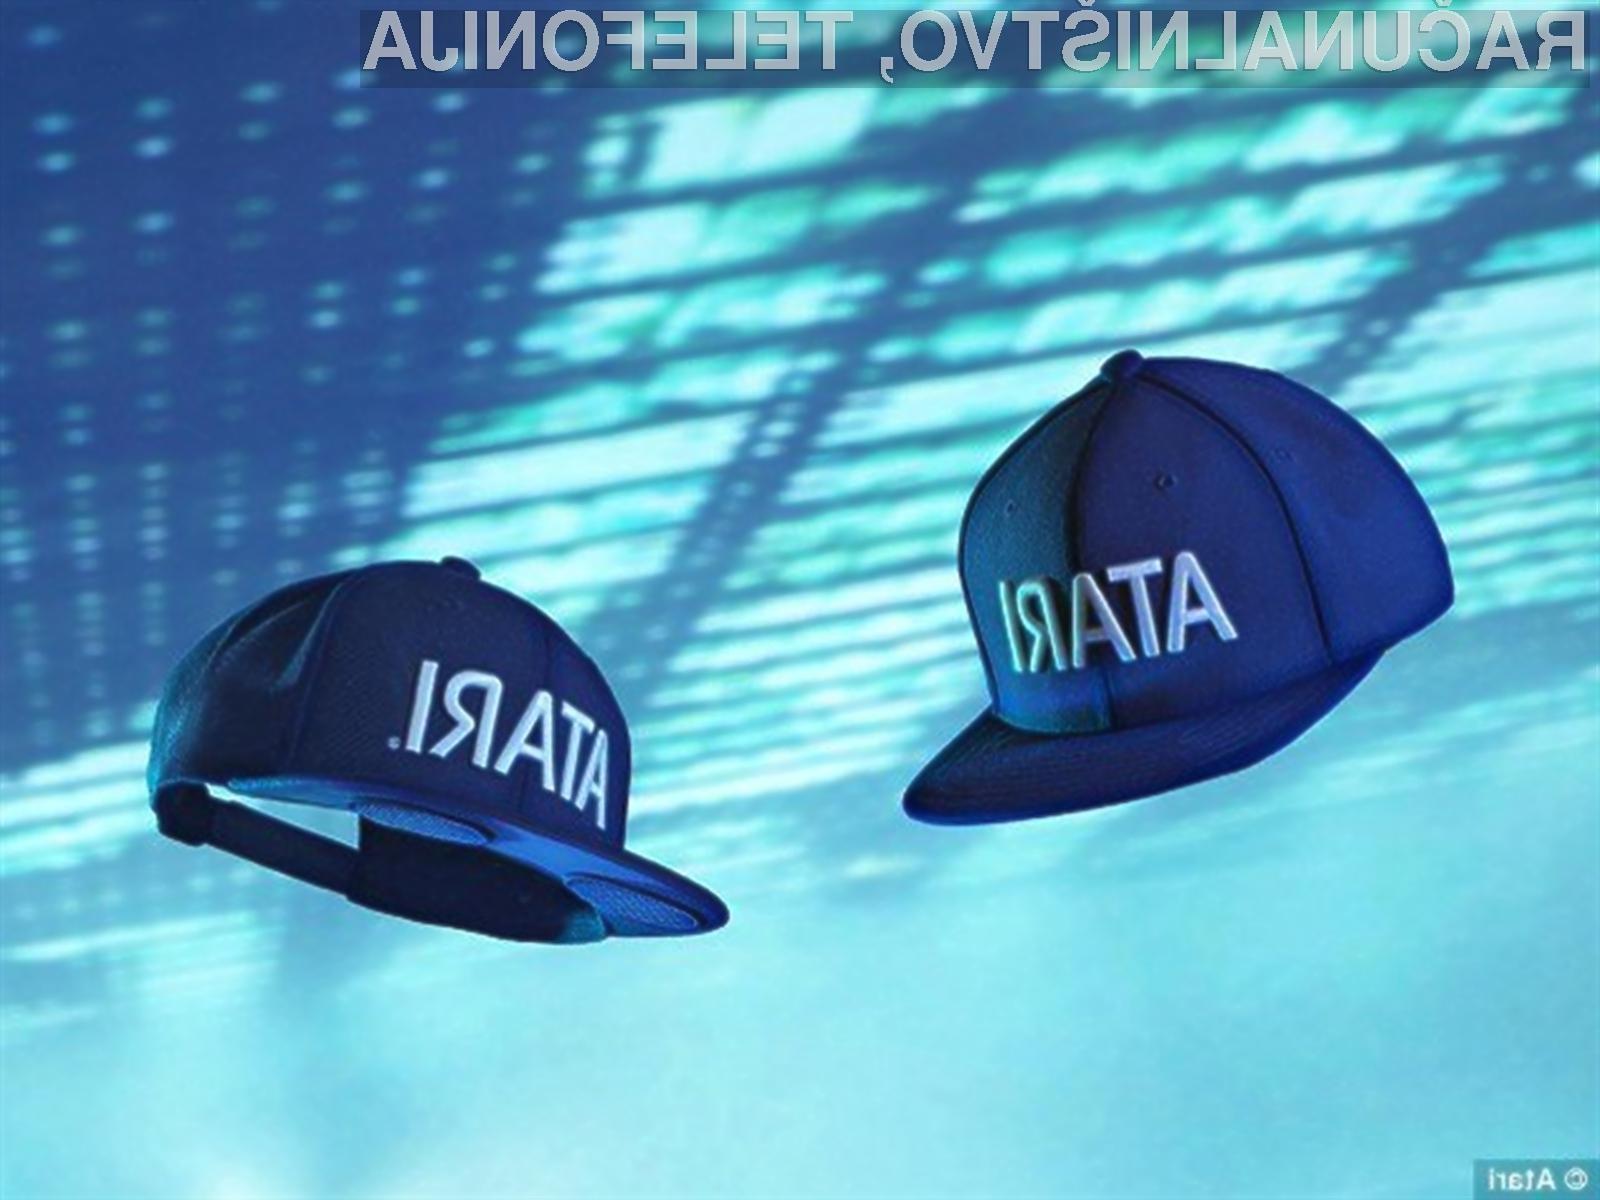 Kapa Atari Speaker Hat bi lahko bila naprodaj že proti koncu leta.